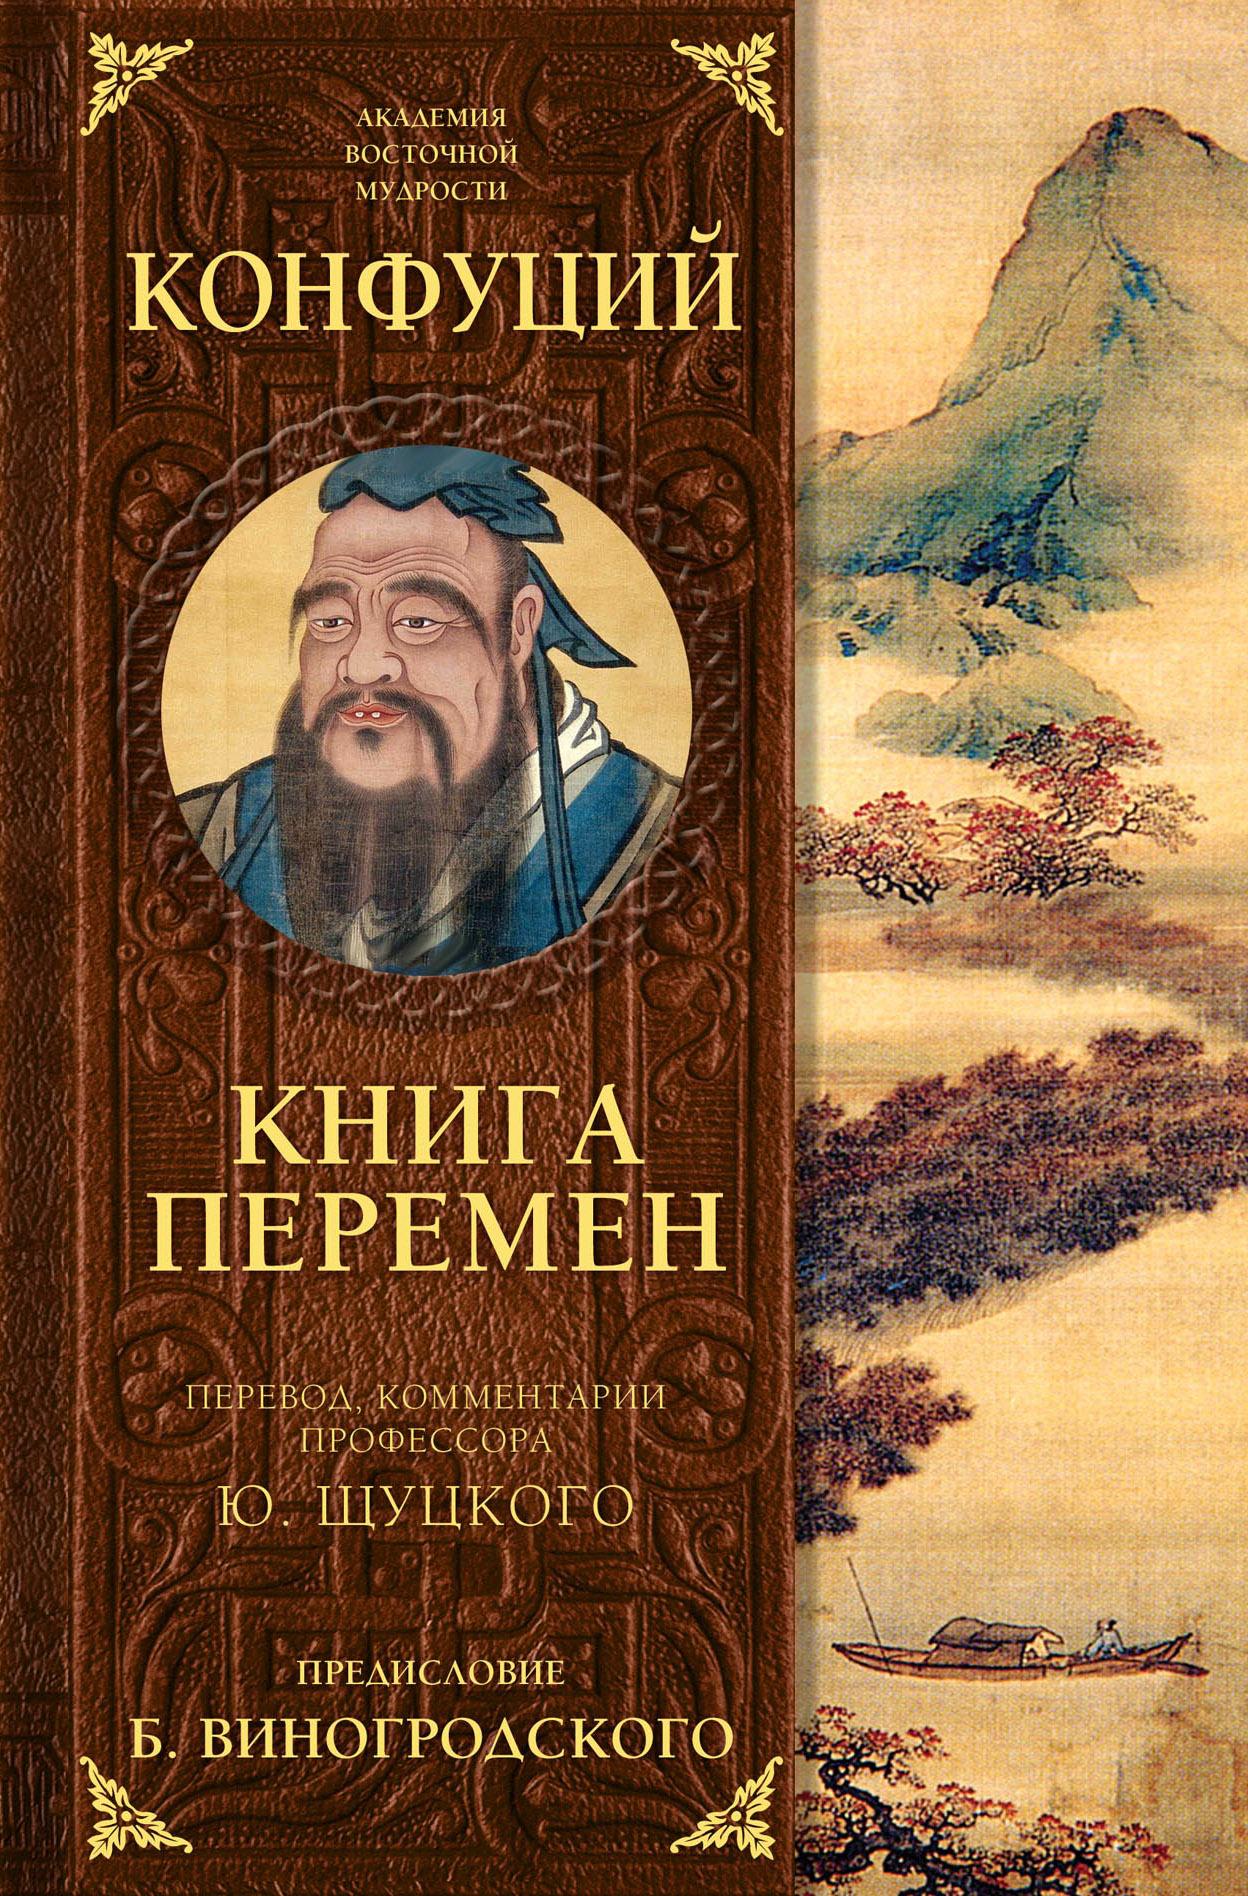 Конфуций Книга Перемен йонге мингьюр ринпоче радостная мудрость принятие перемен и обретение свободы